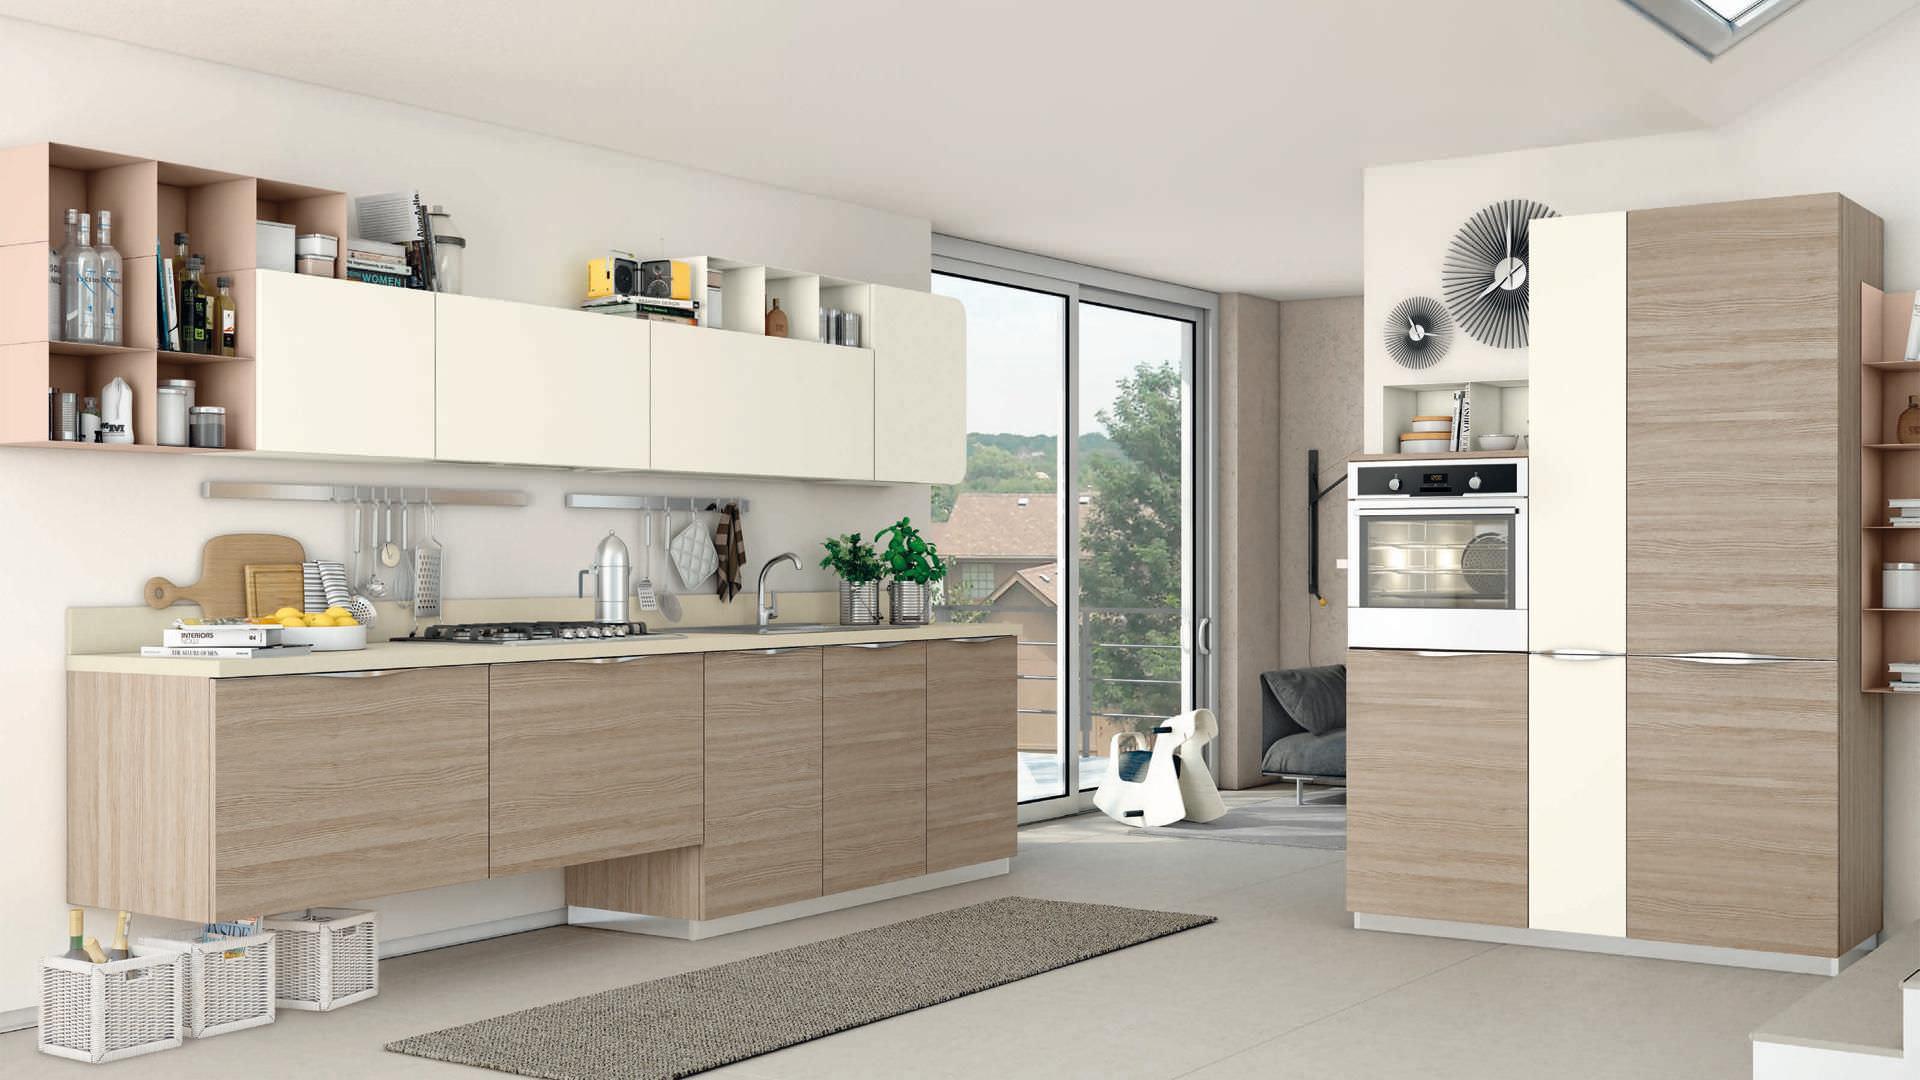 Moderne Küche / Holzfurnier / lackiert / mit Griffen - IMMAGINA ...